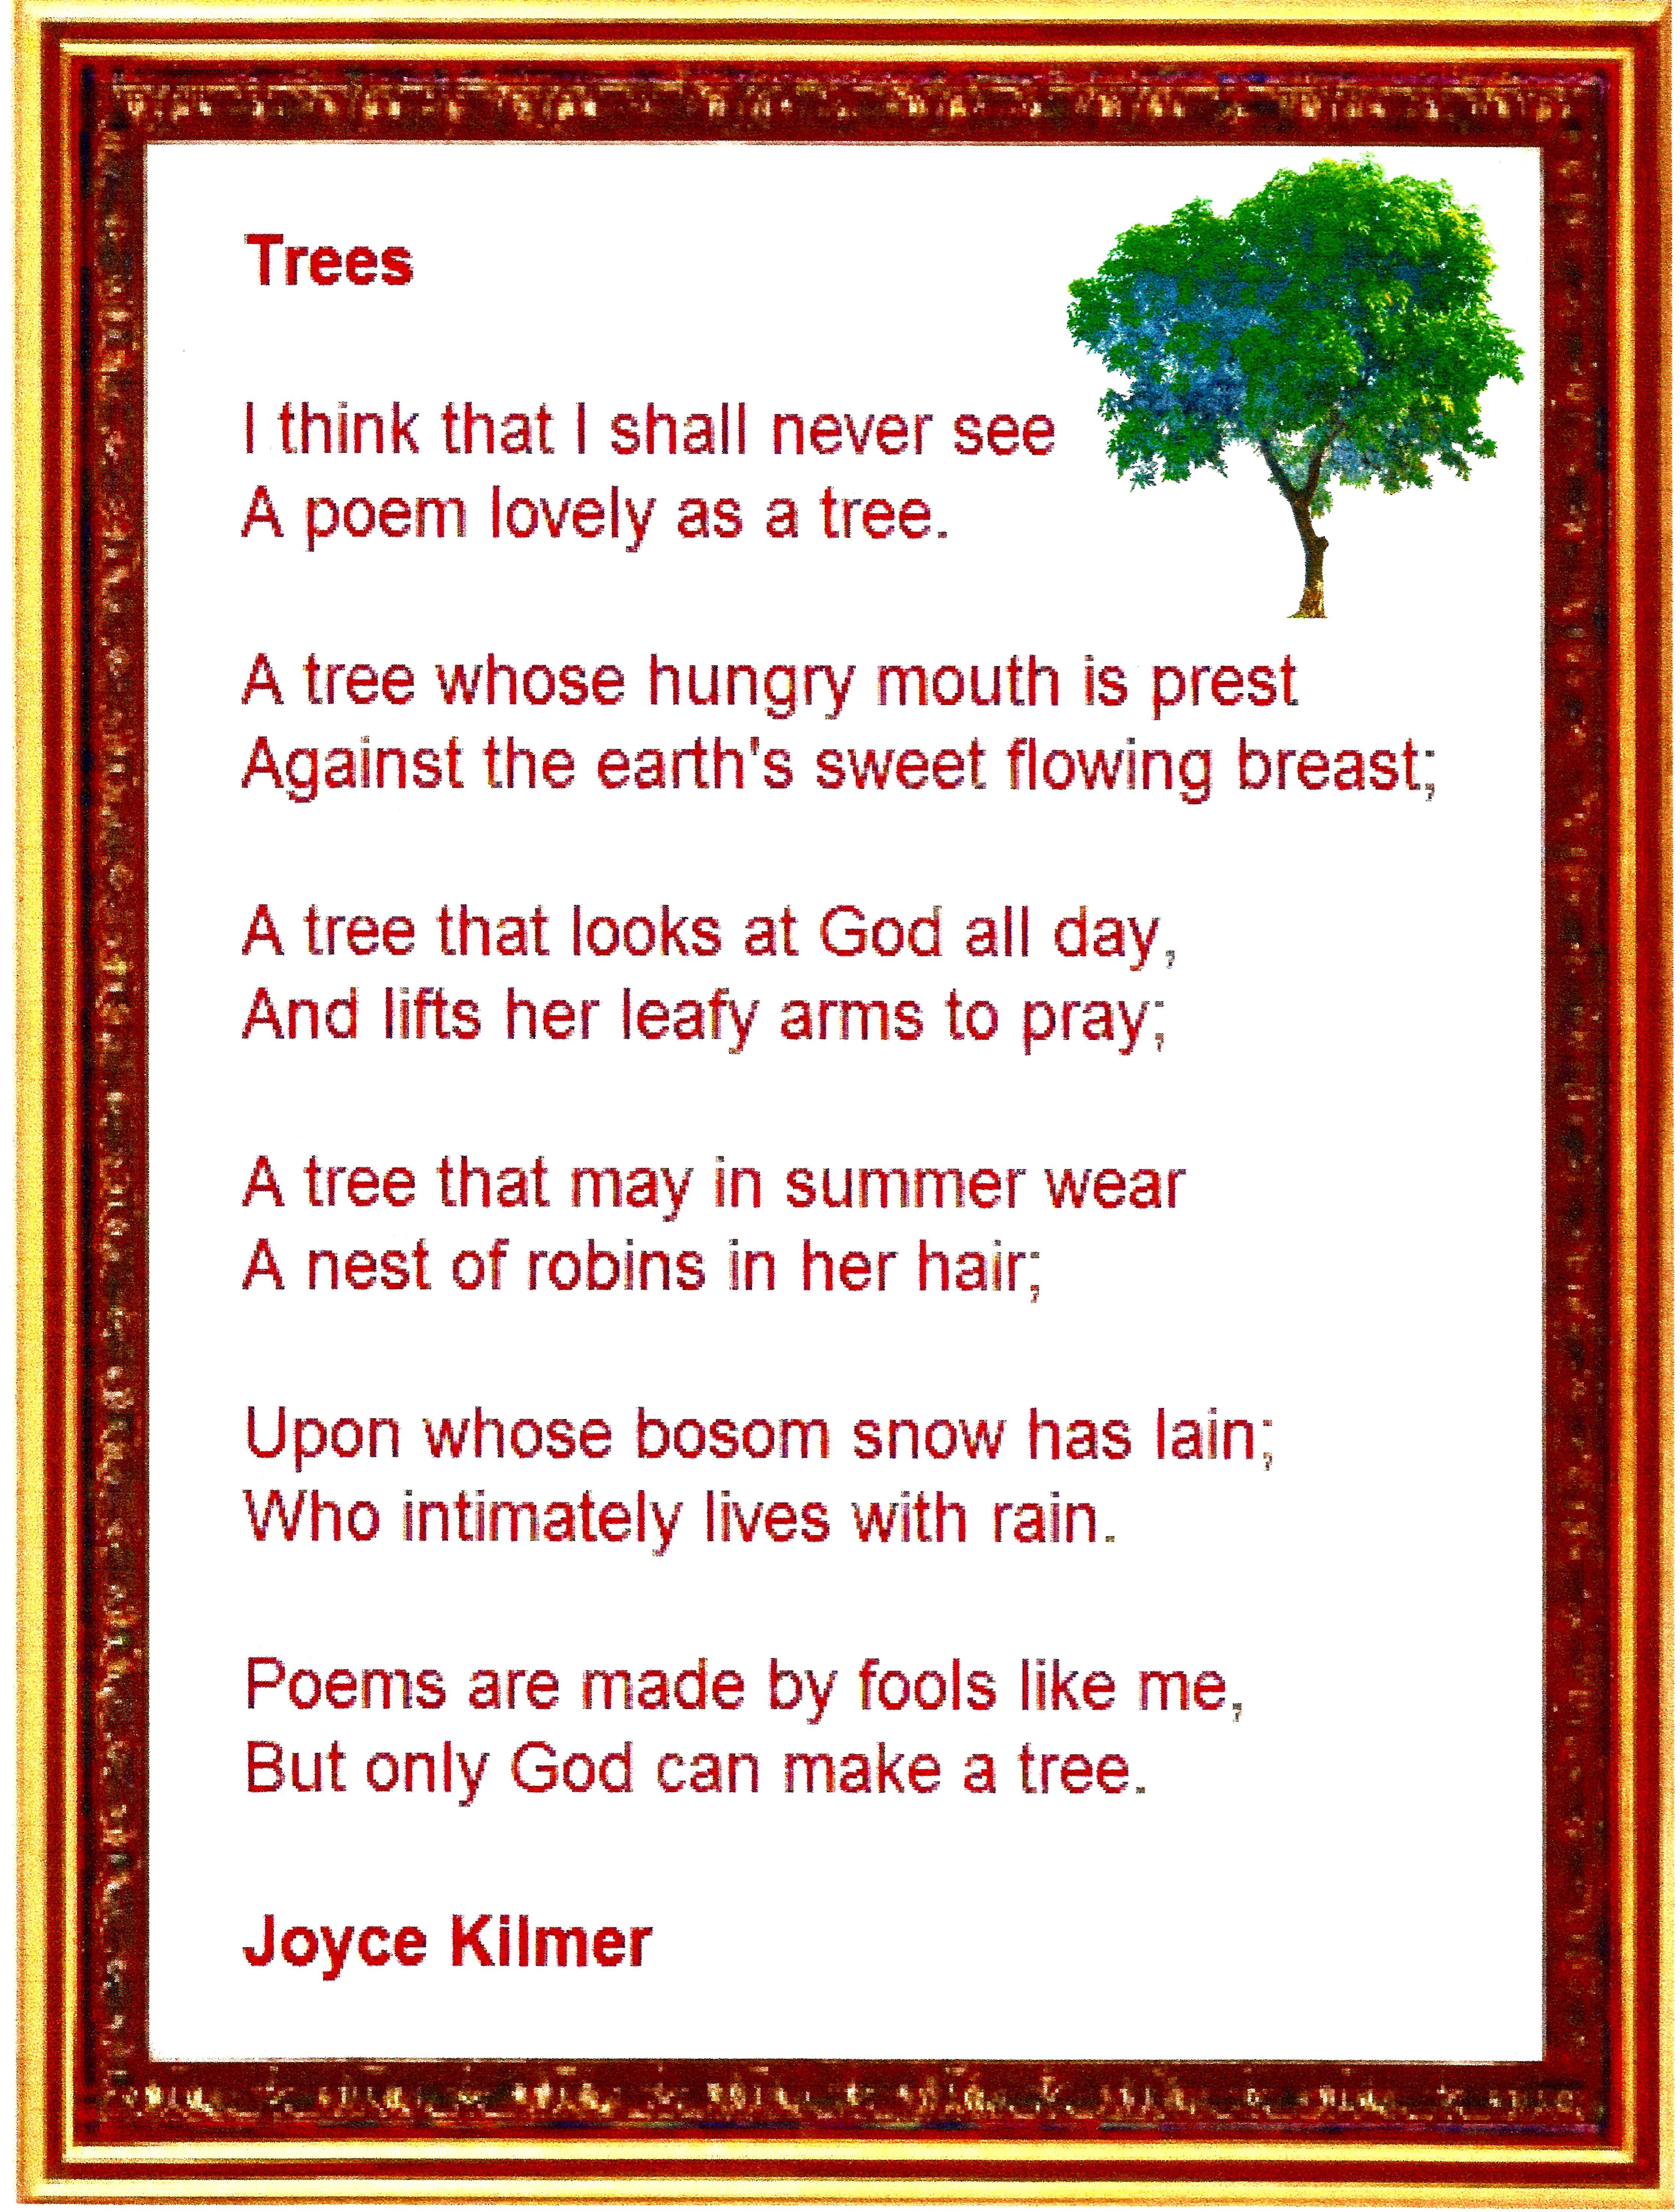 trees poem lyrics